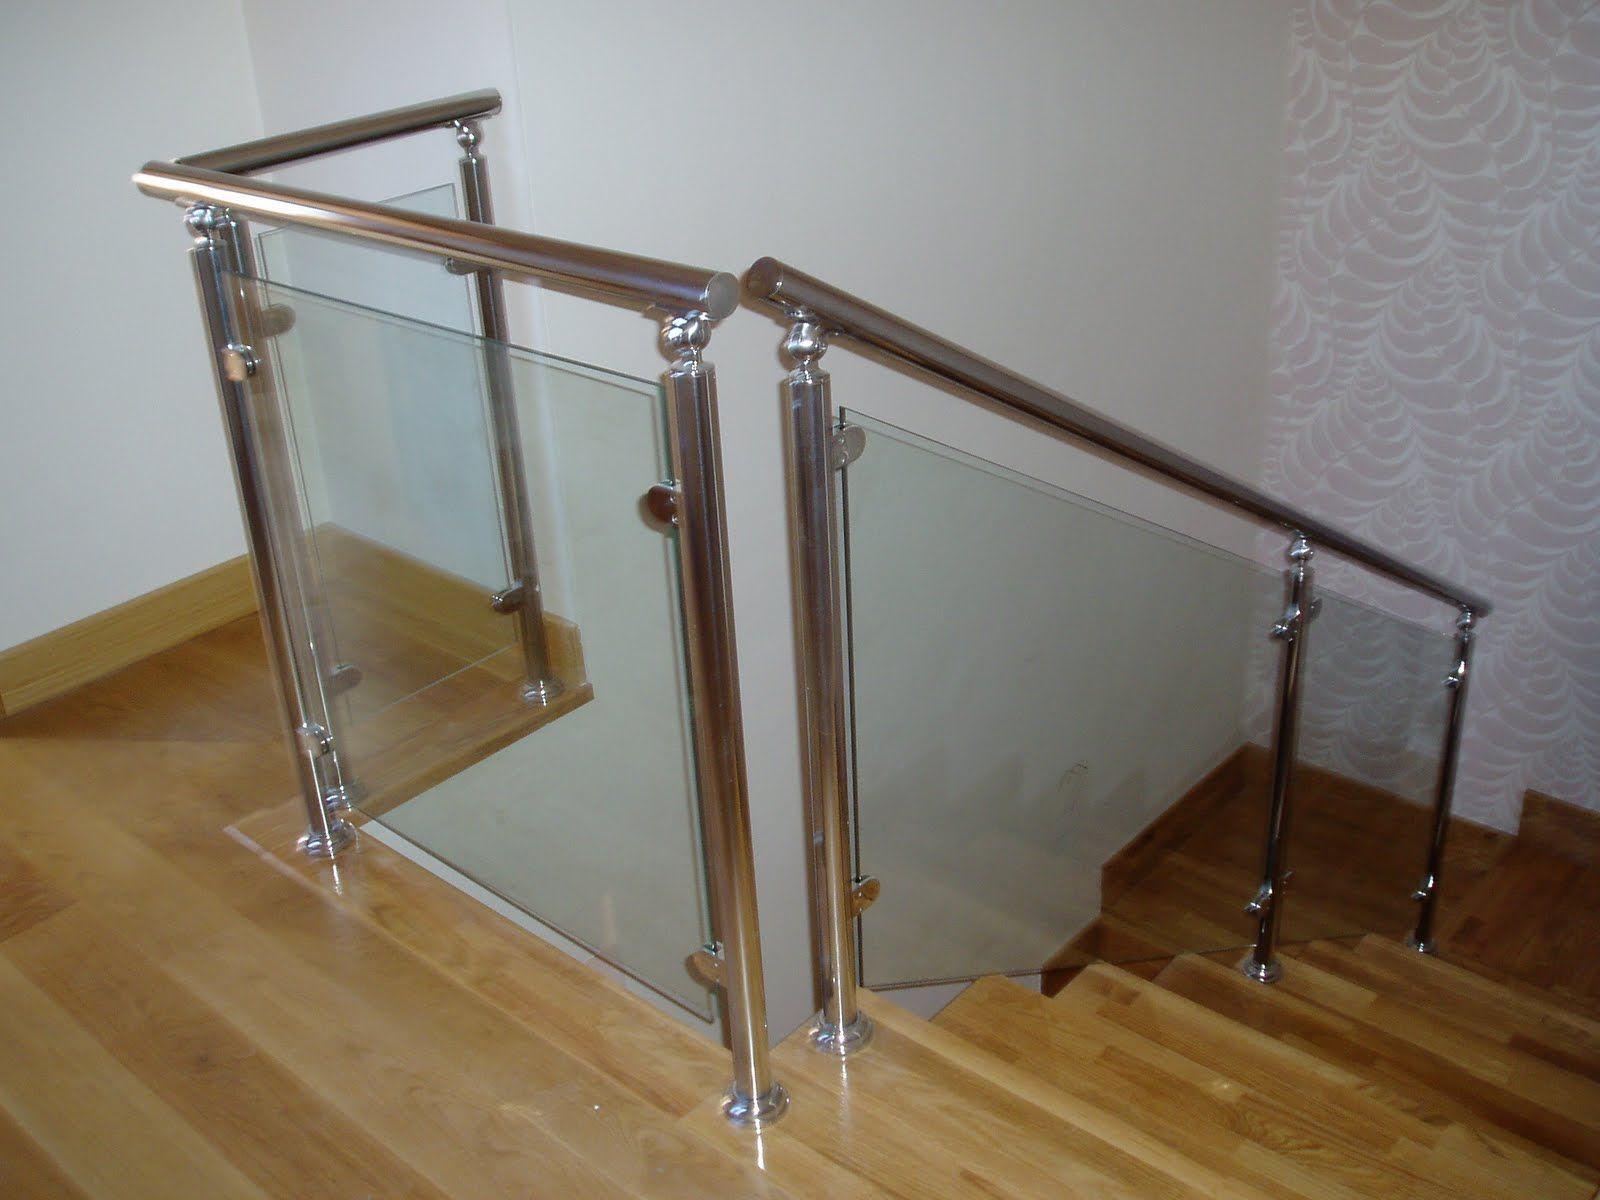 Barandas en acero inoxidable cuadrado y redondo y vidrio for Barandas de vidrio y acero